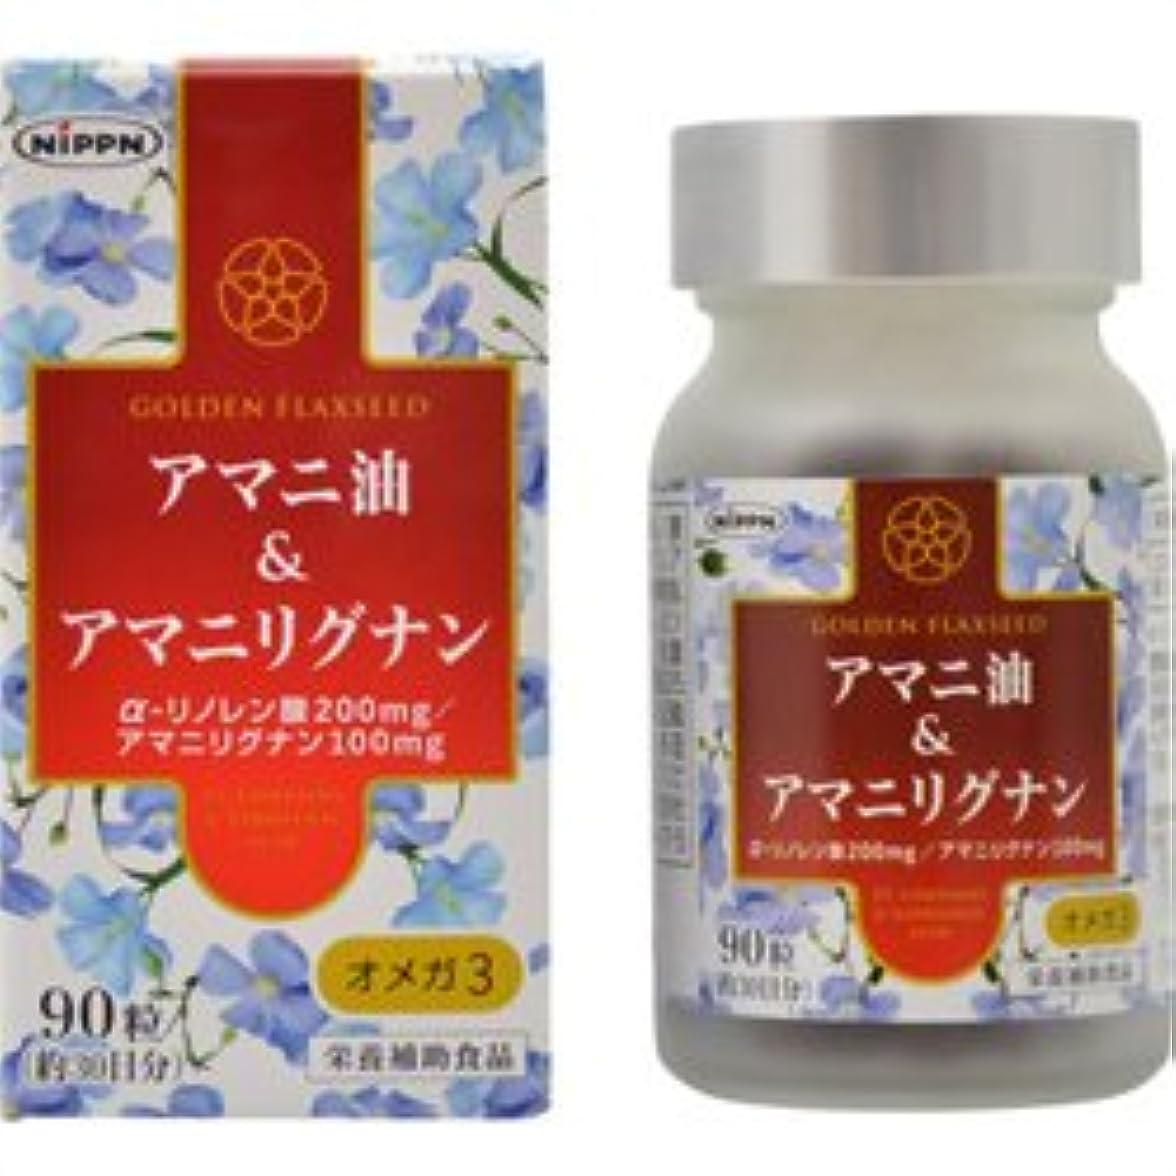 推定する防腐剤比類なき【日本製粉】アマニ油&アマニリグナン 90粒 ×5個セット